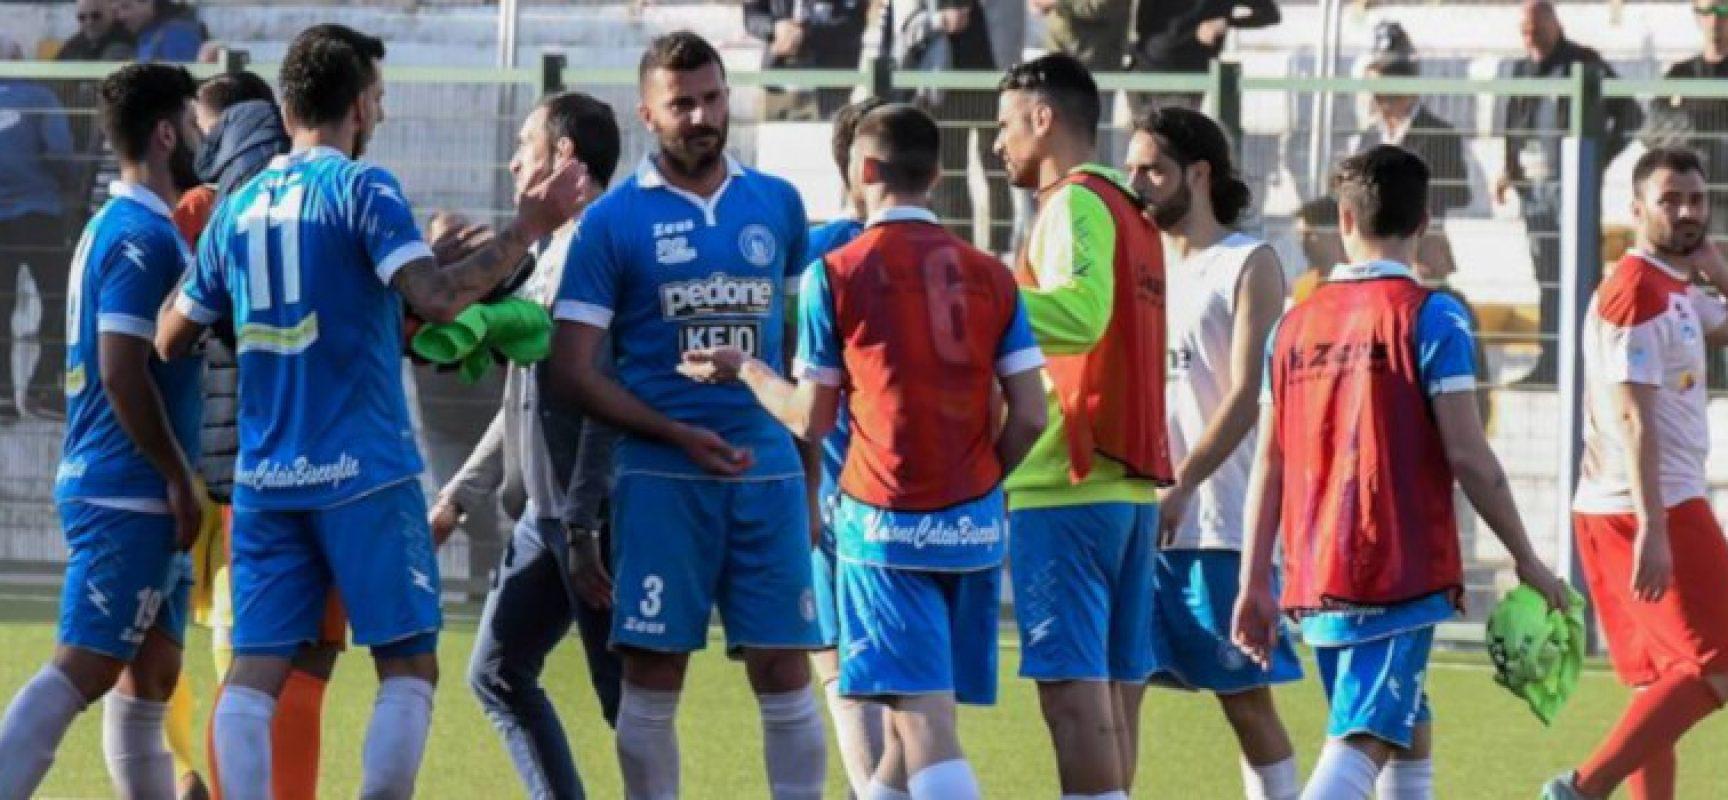 L'Unione Calcio rende visita al Gallipoli nella penultima trasferta stagionale